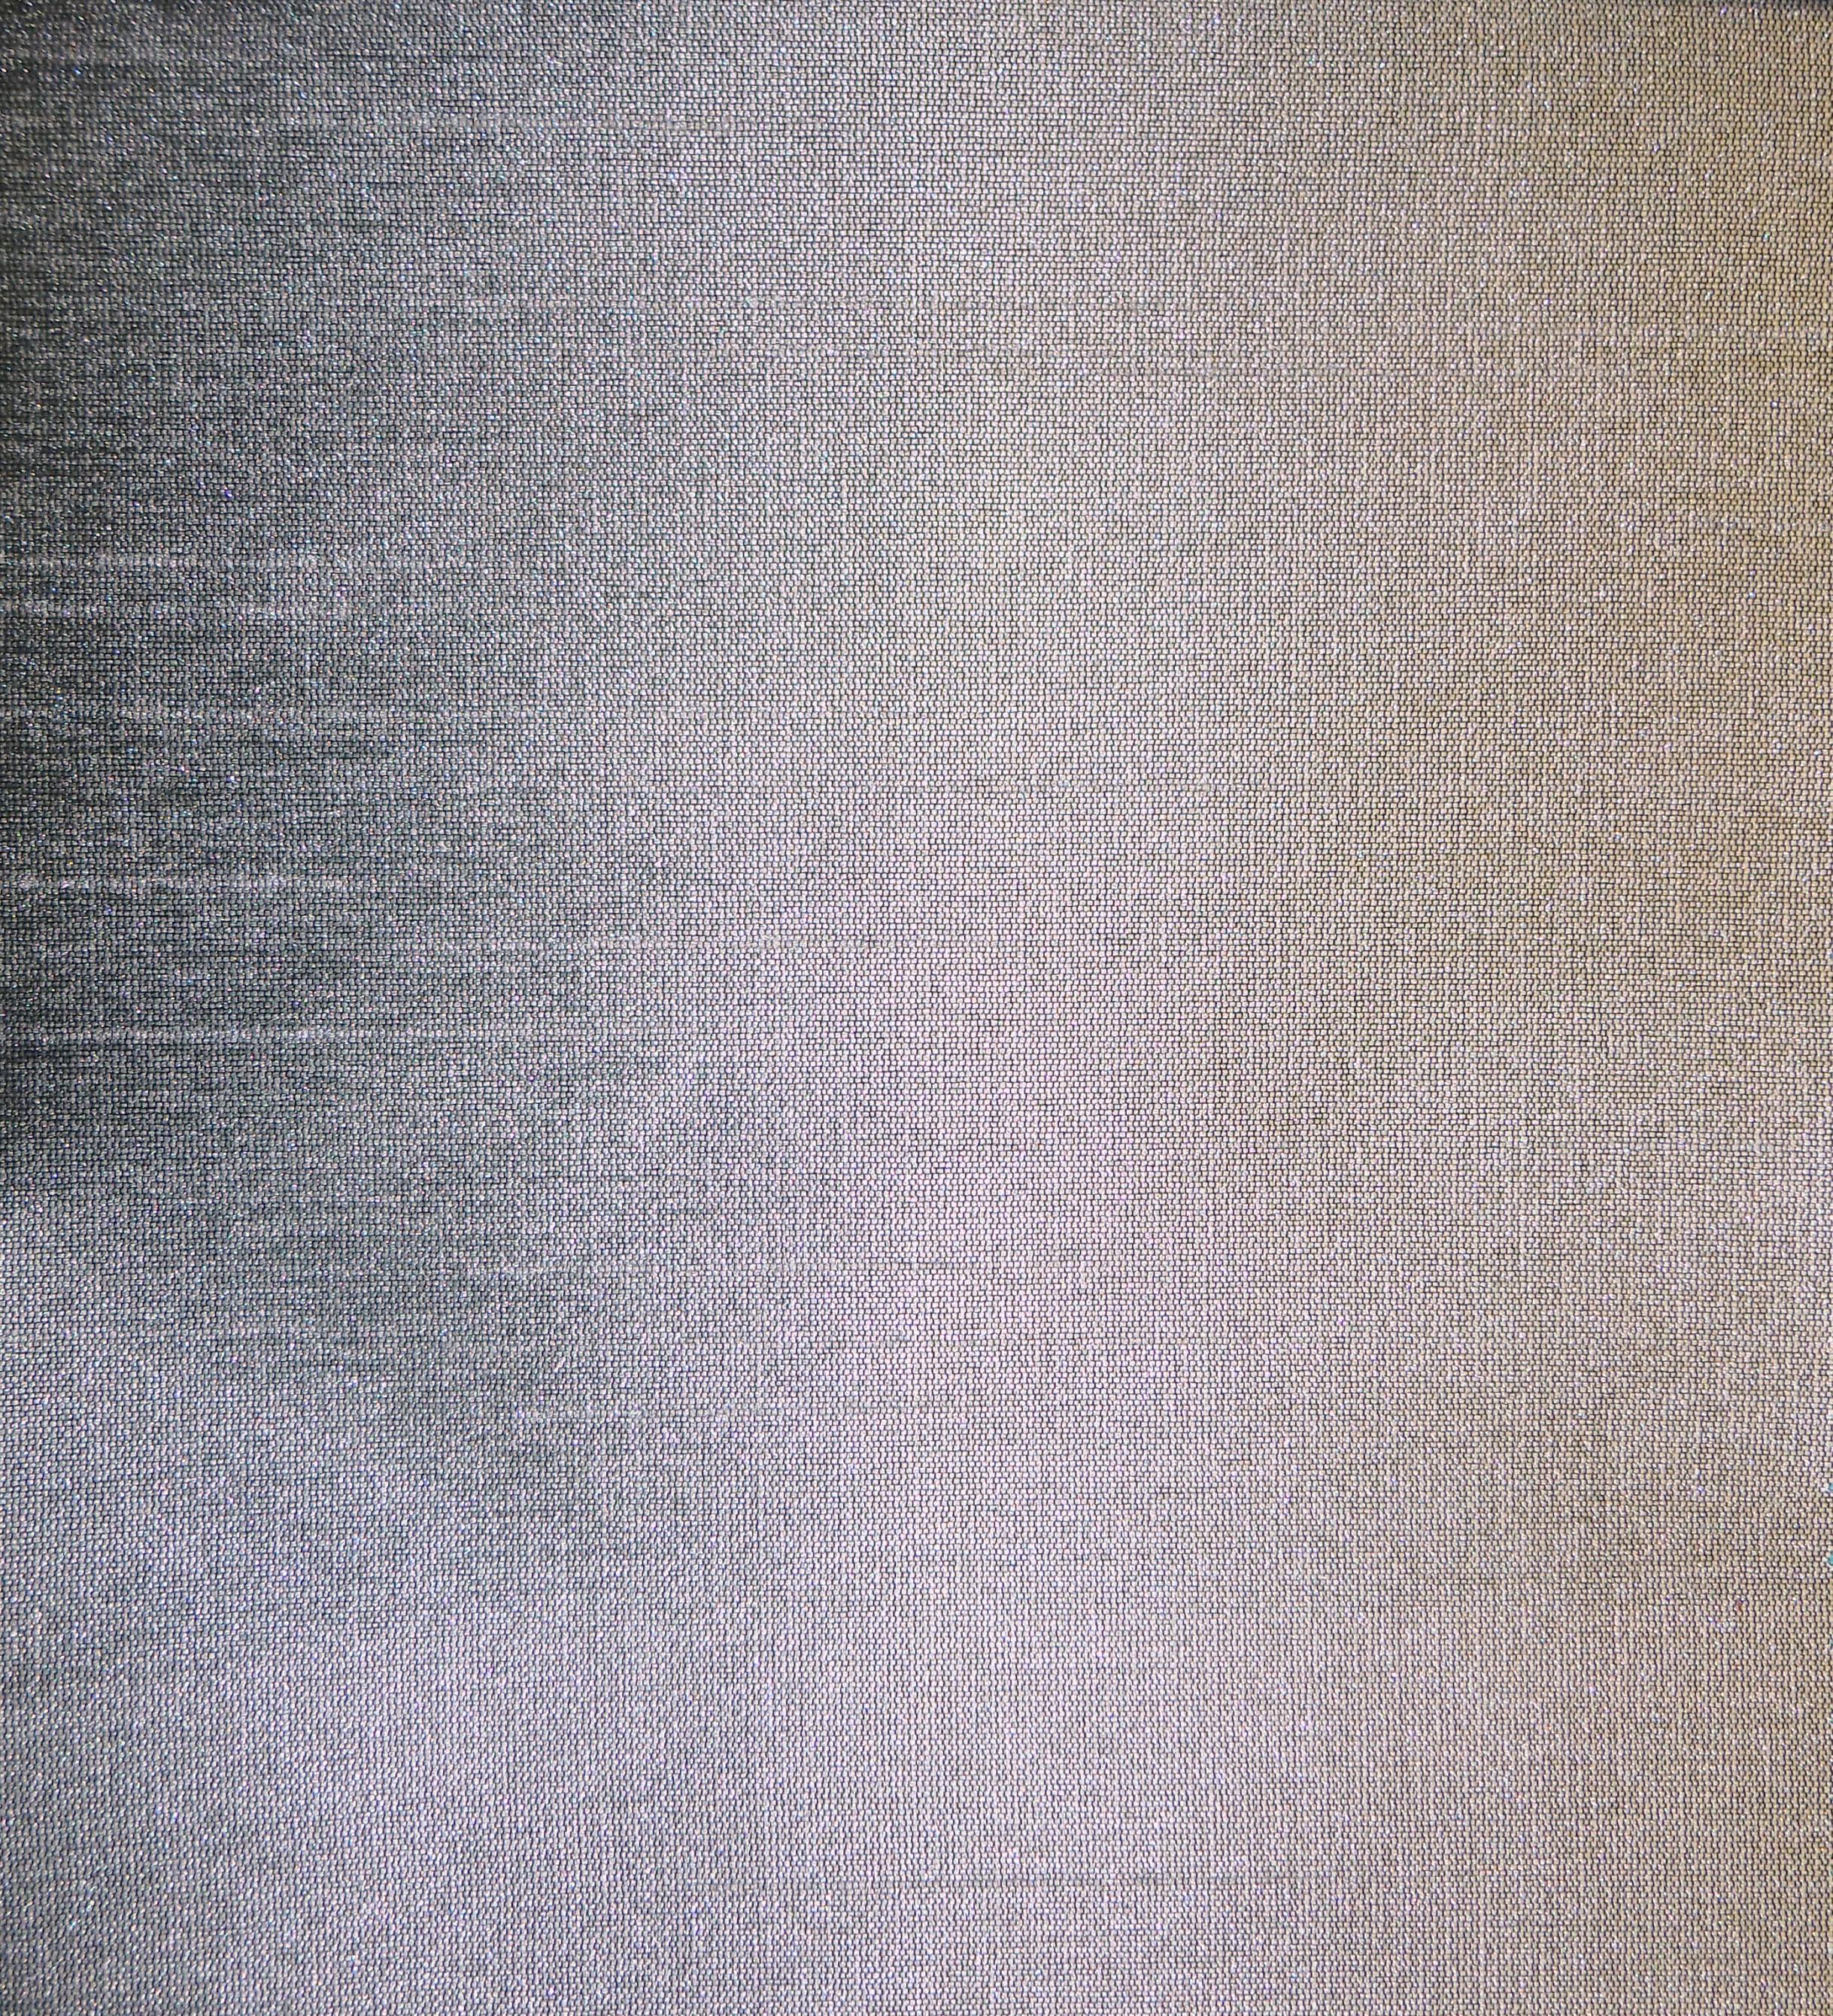 gerbini catania silks - photo#21